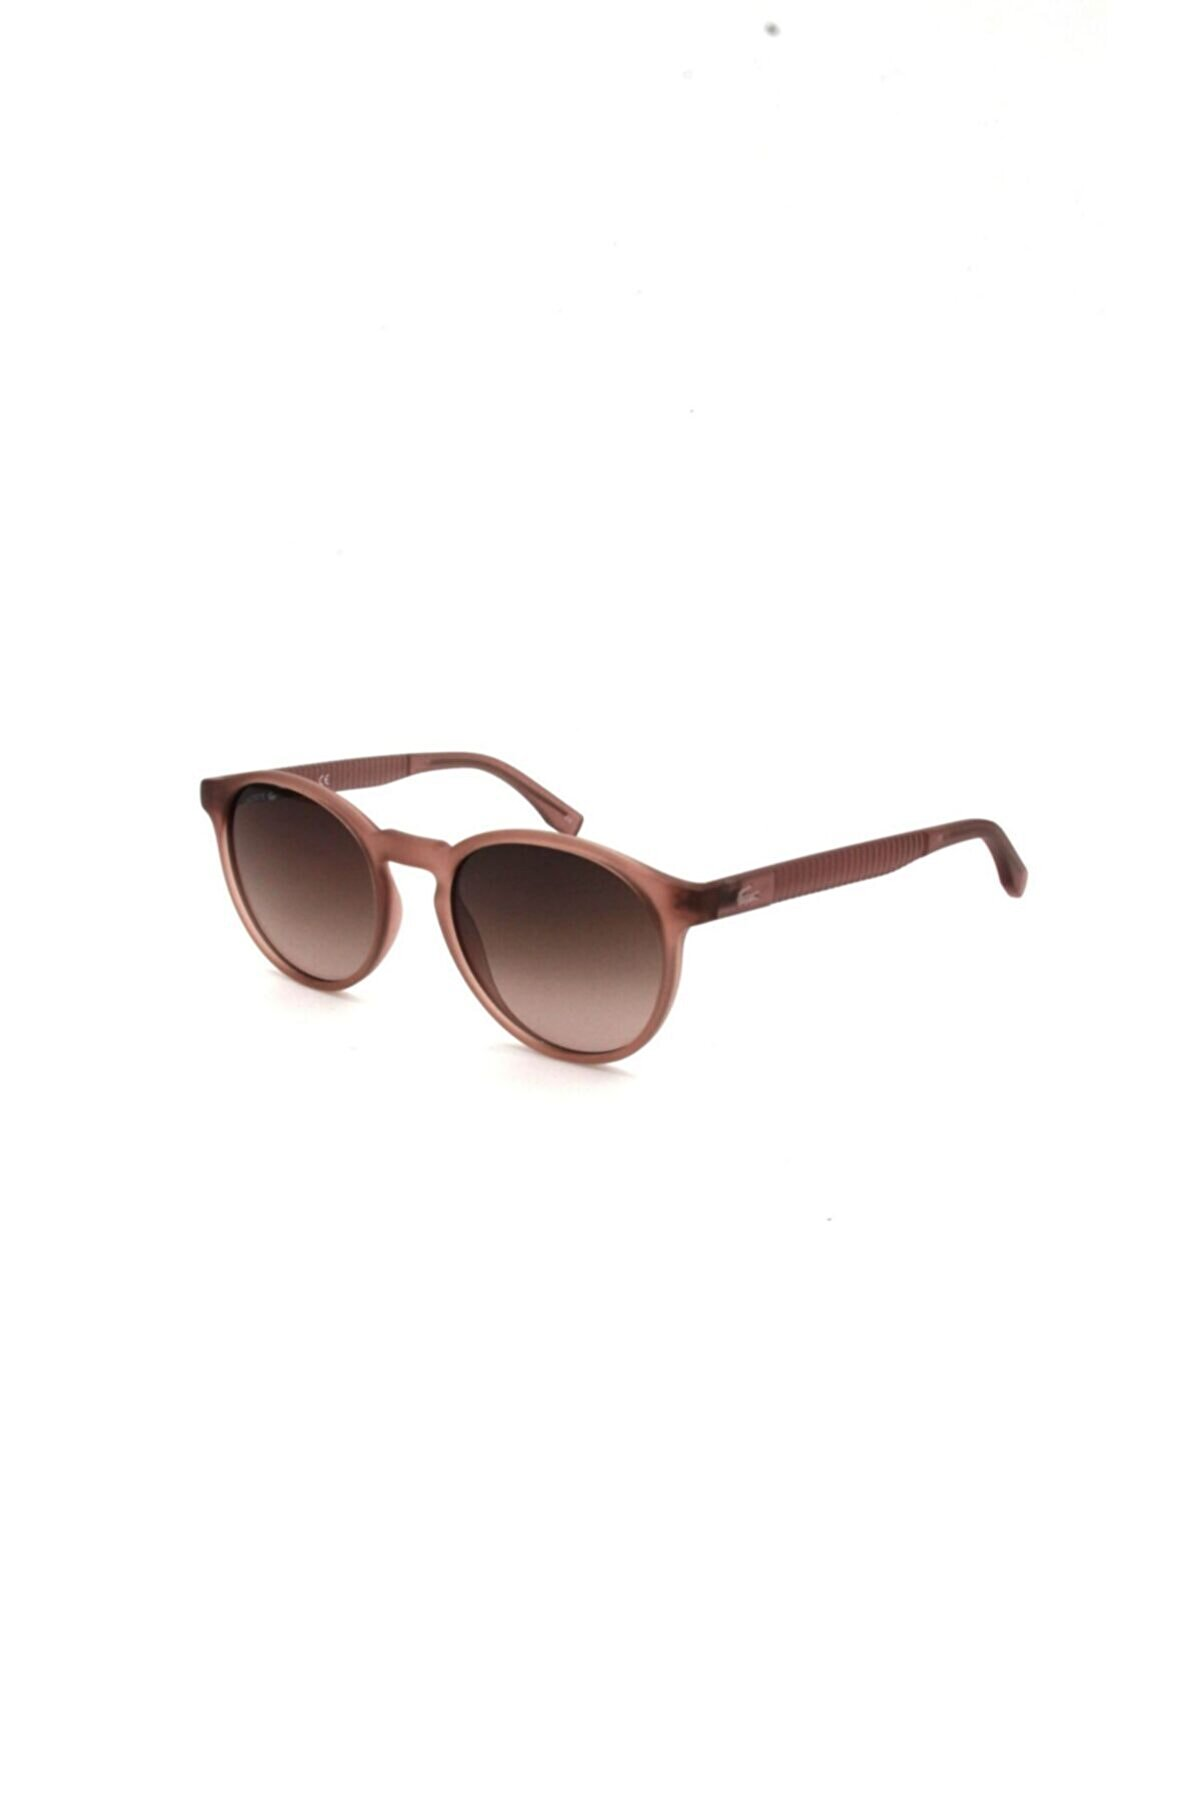 Lacoste Kadın Oval Güneş Gözlüğü LCC 888 662